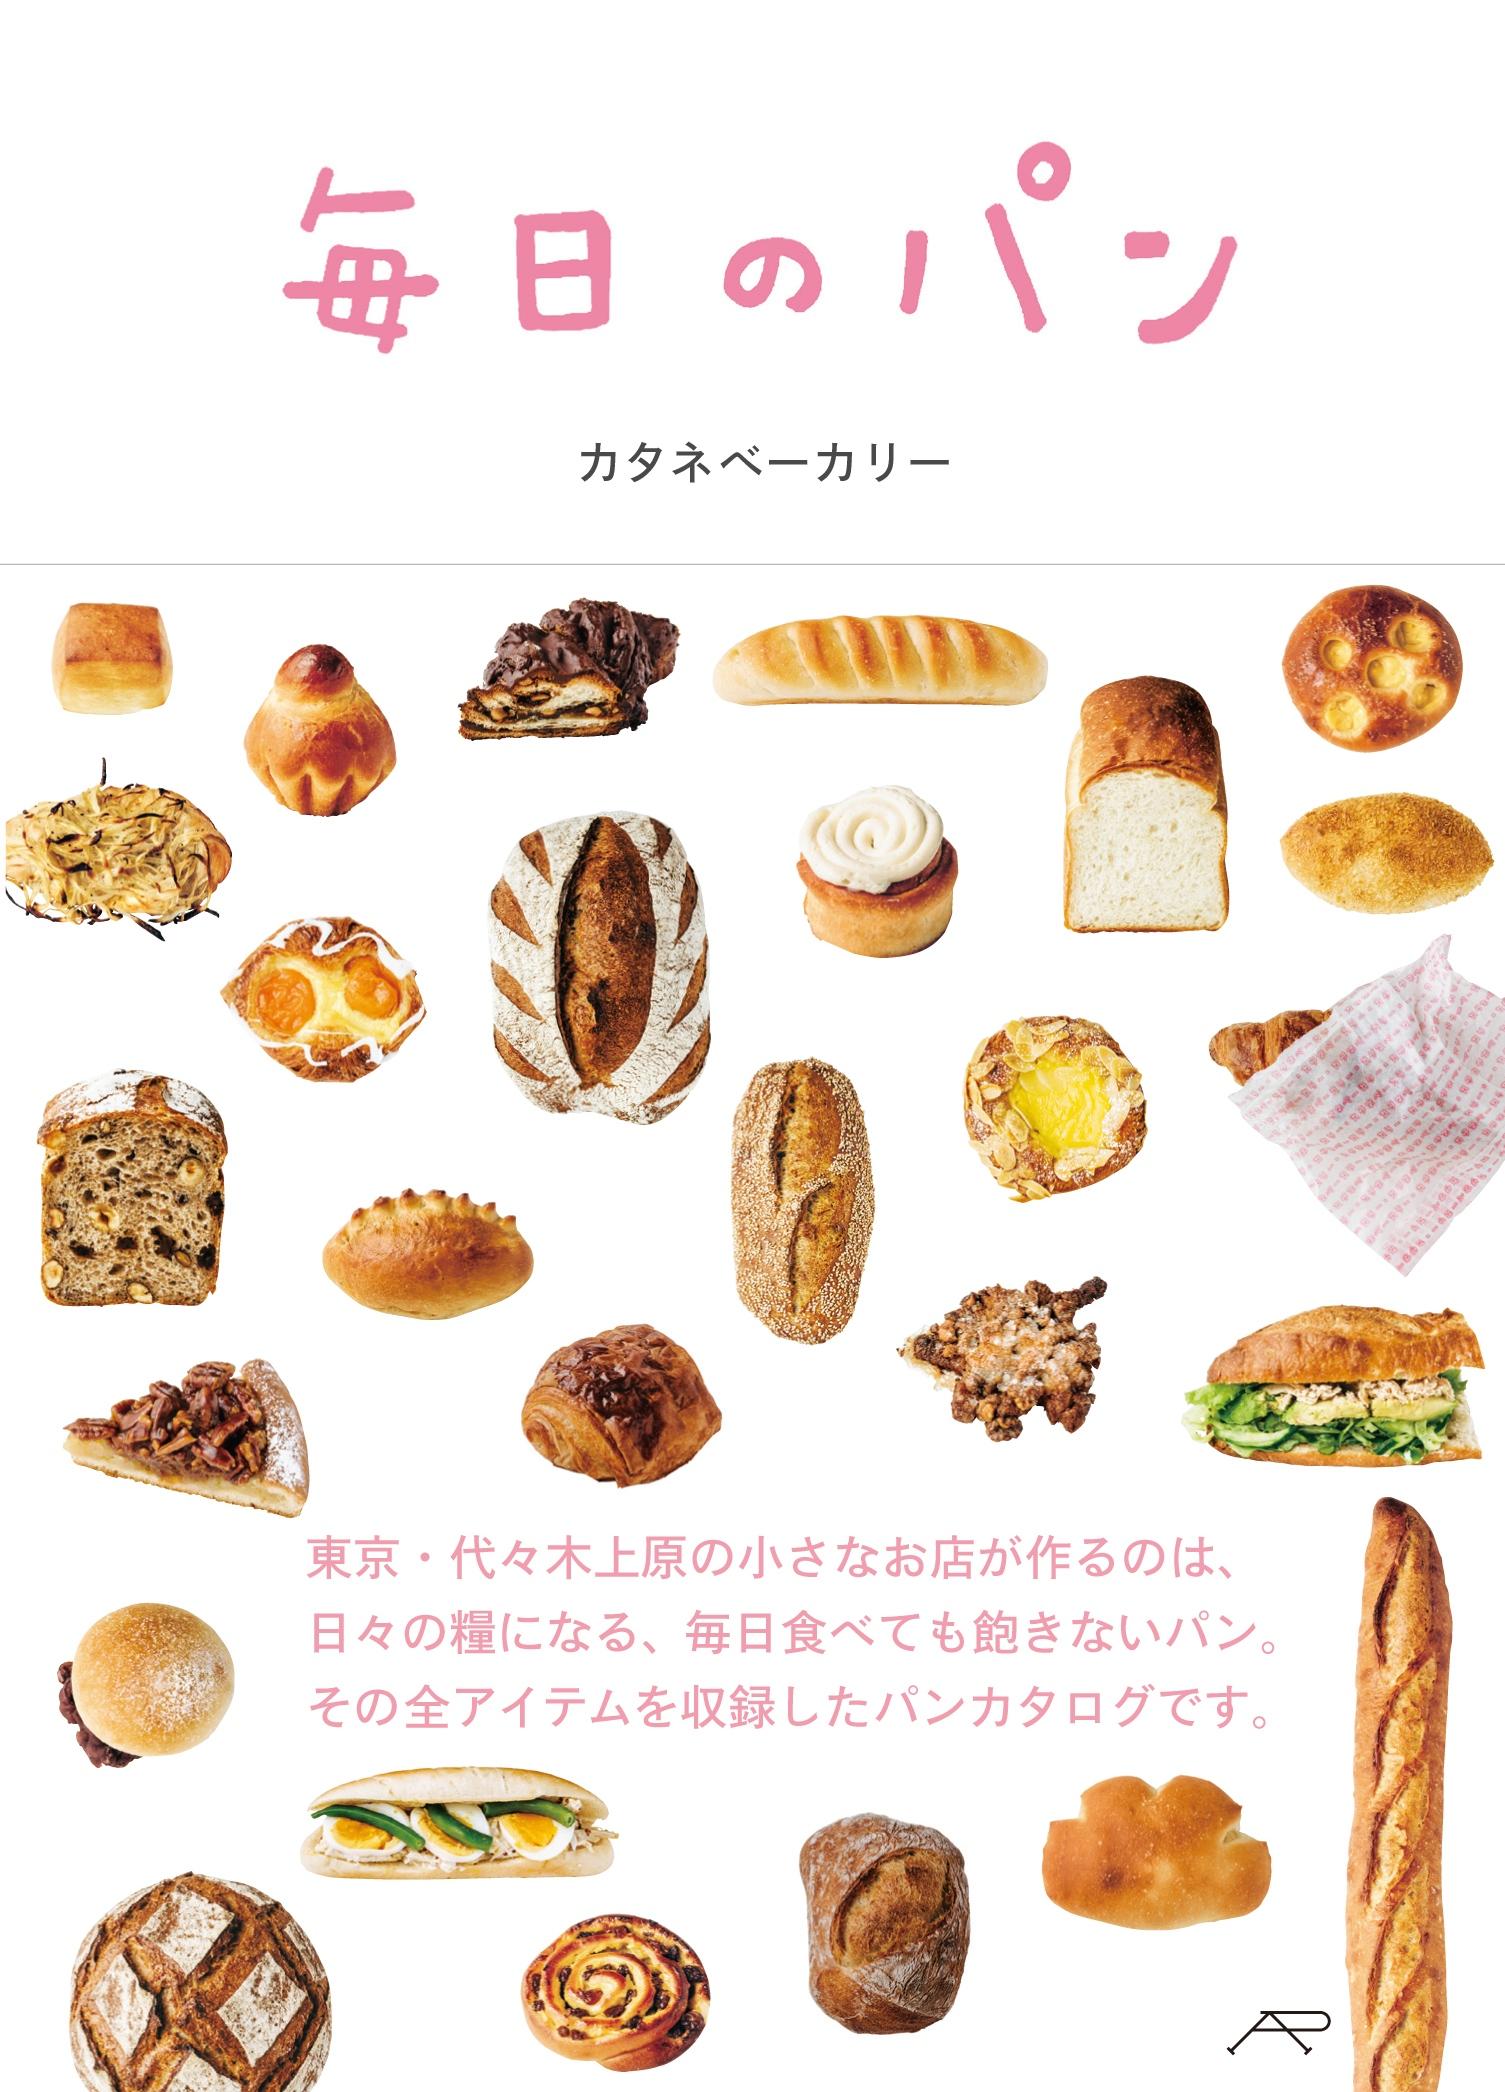 カタネベーカリー『毎日のパン』